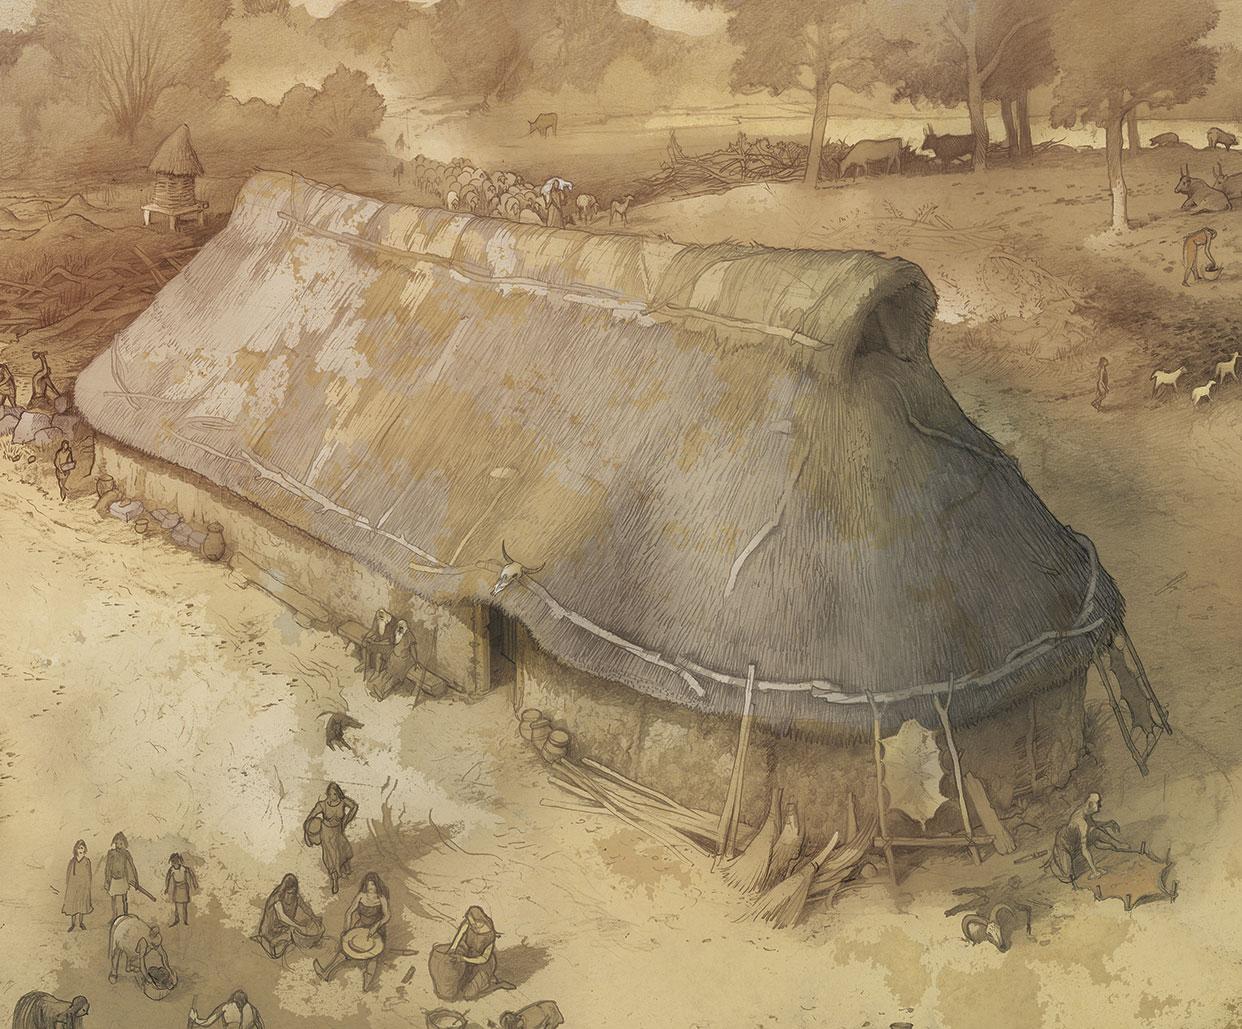 La Prehistoria en la zona de Alcalá de Henares